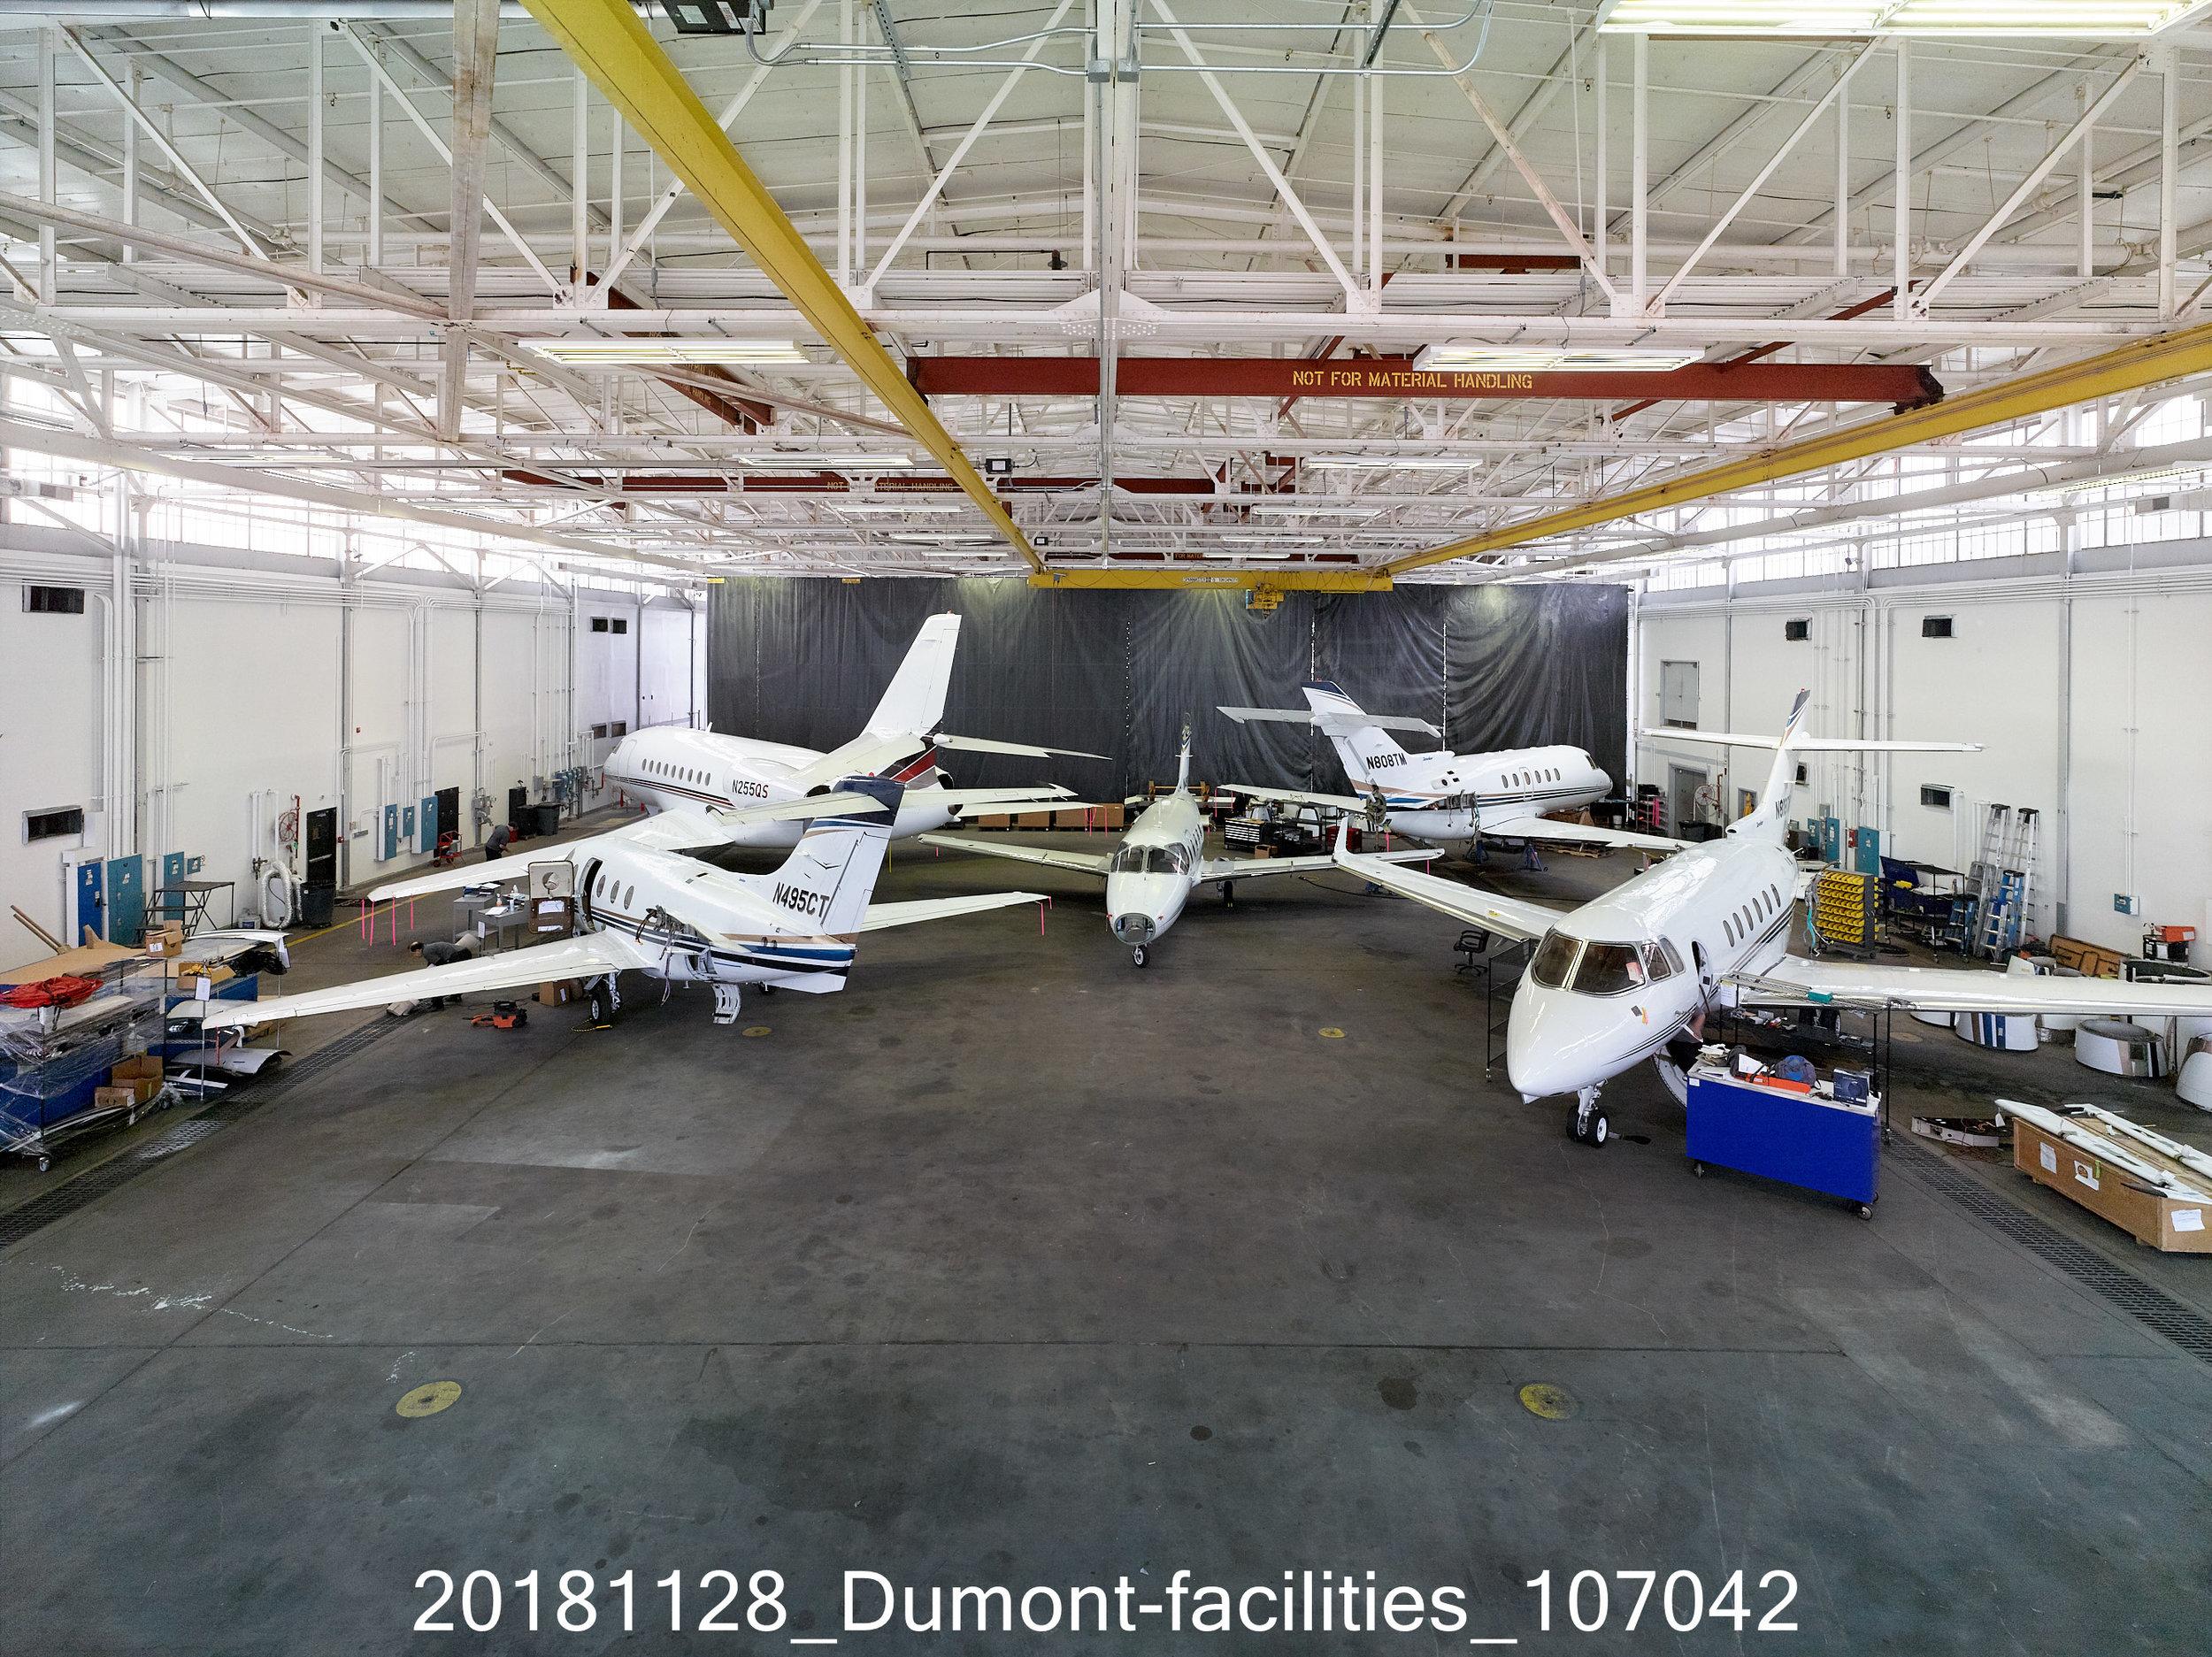 20181128_Dumont-facilities_107042.jpg